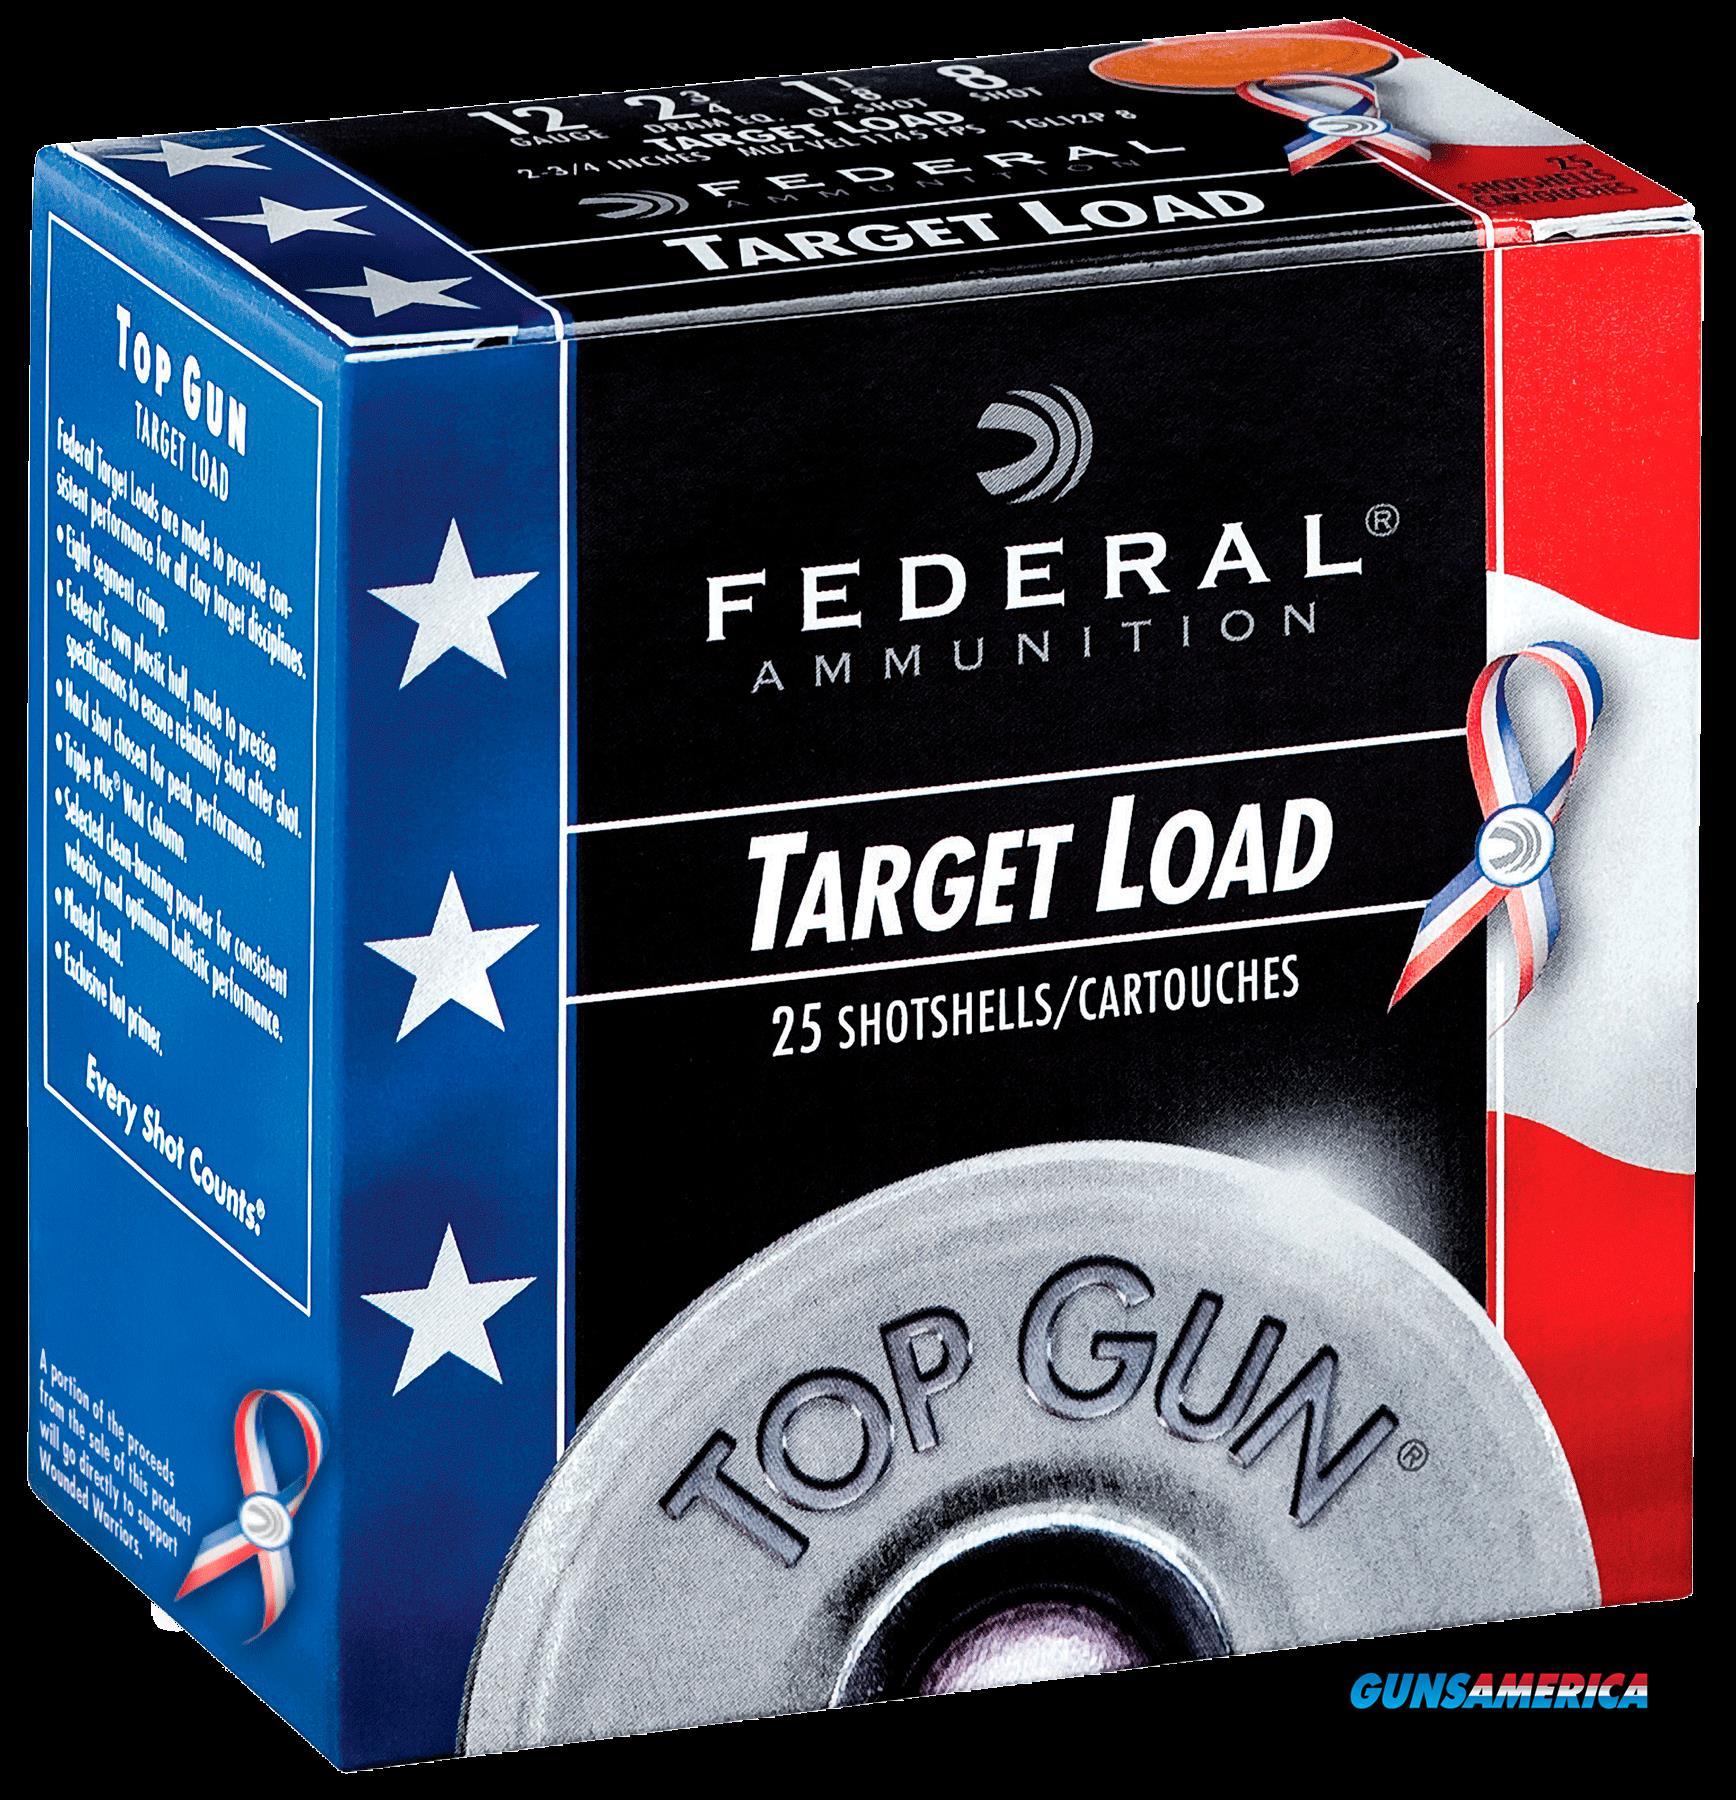 Federal Top Gun, Fed Tgl12us8 Top Gun 12    11-8 Rwb   25-10  Guns > Pistols > 1911 Pistol Copies (non-Colt)